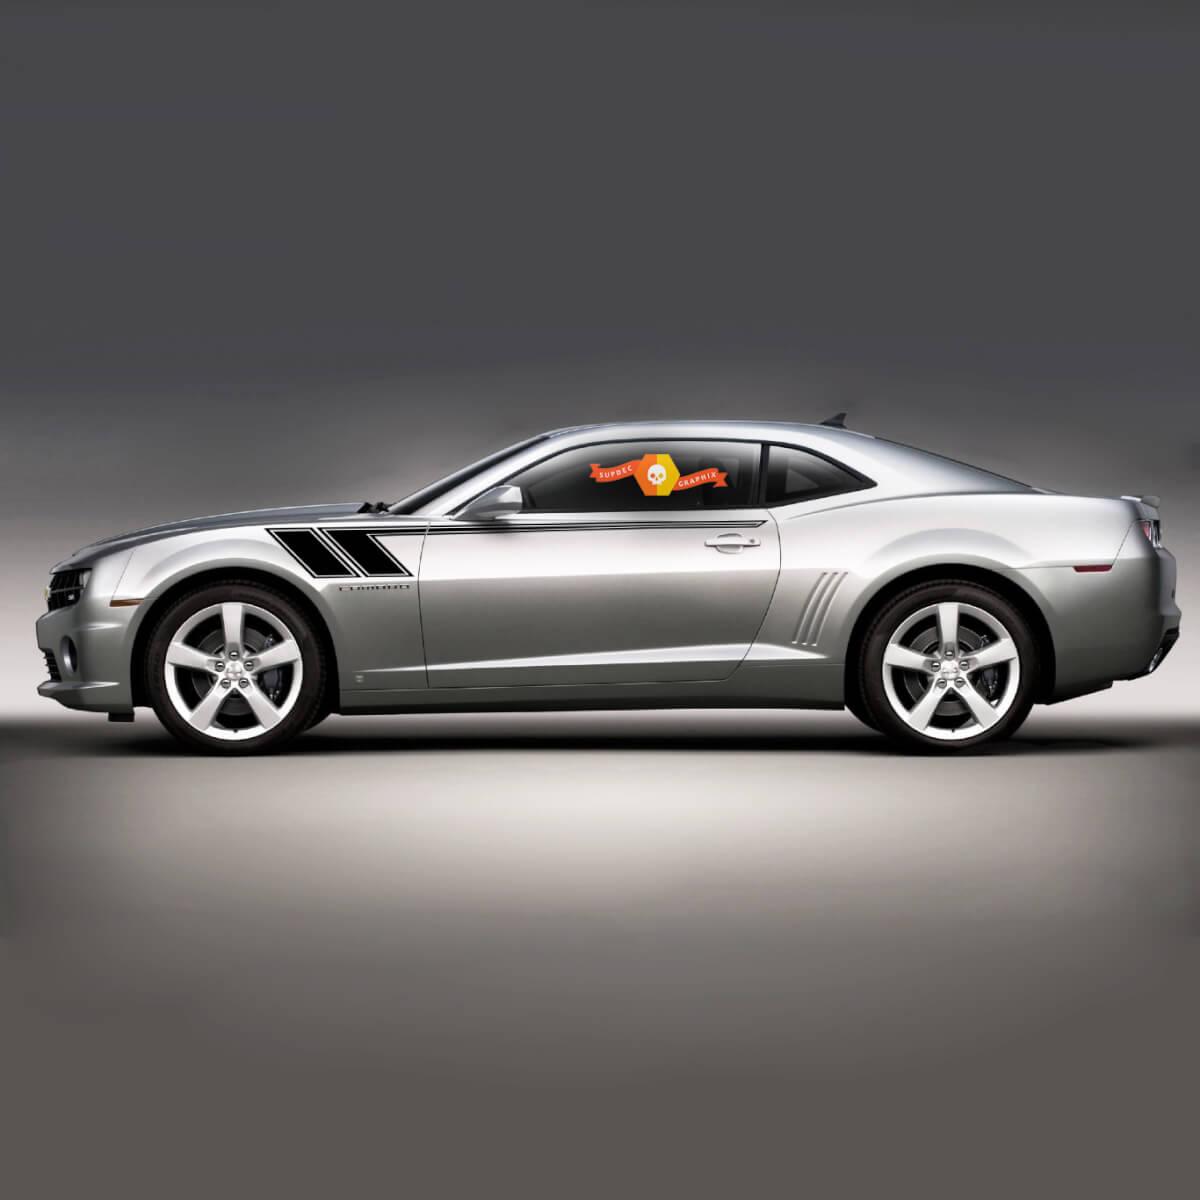 Chevrolet Camaro 2010-2020 Hash Speed Seite Akzent Streifen Aufkleber